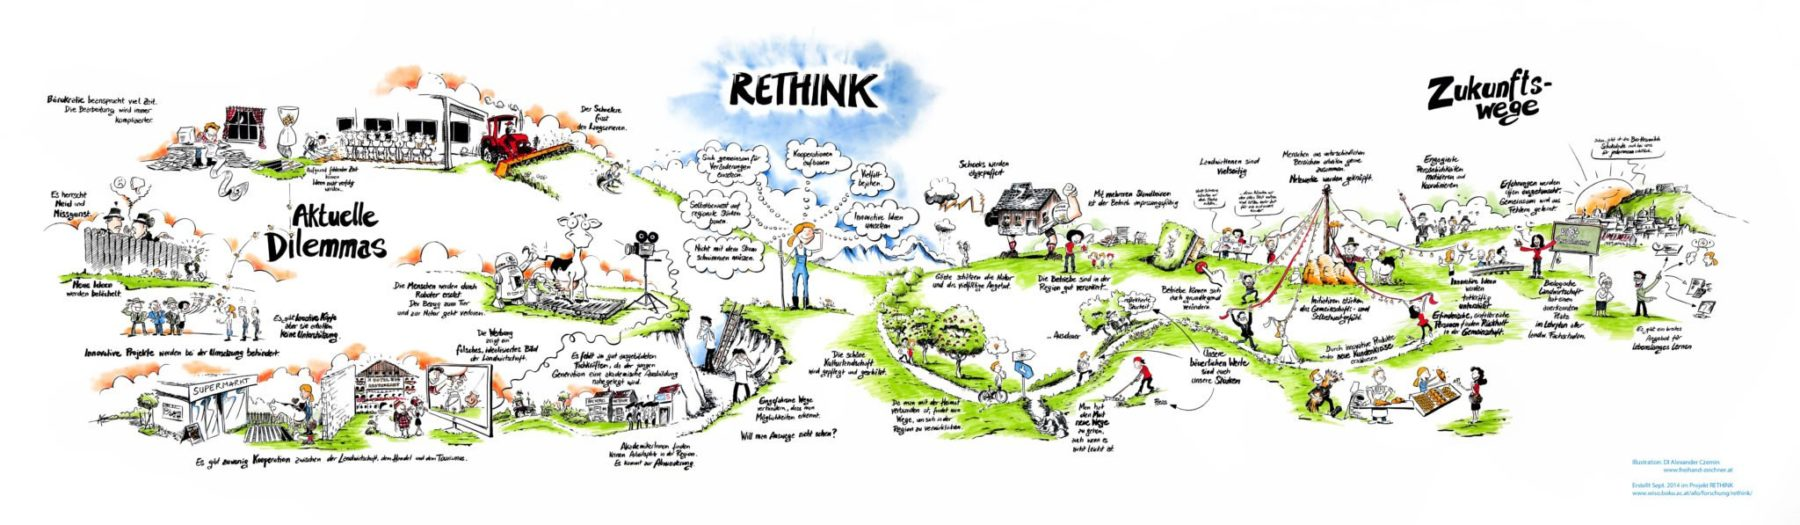 rethink: Landwirtschaft neu denken